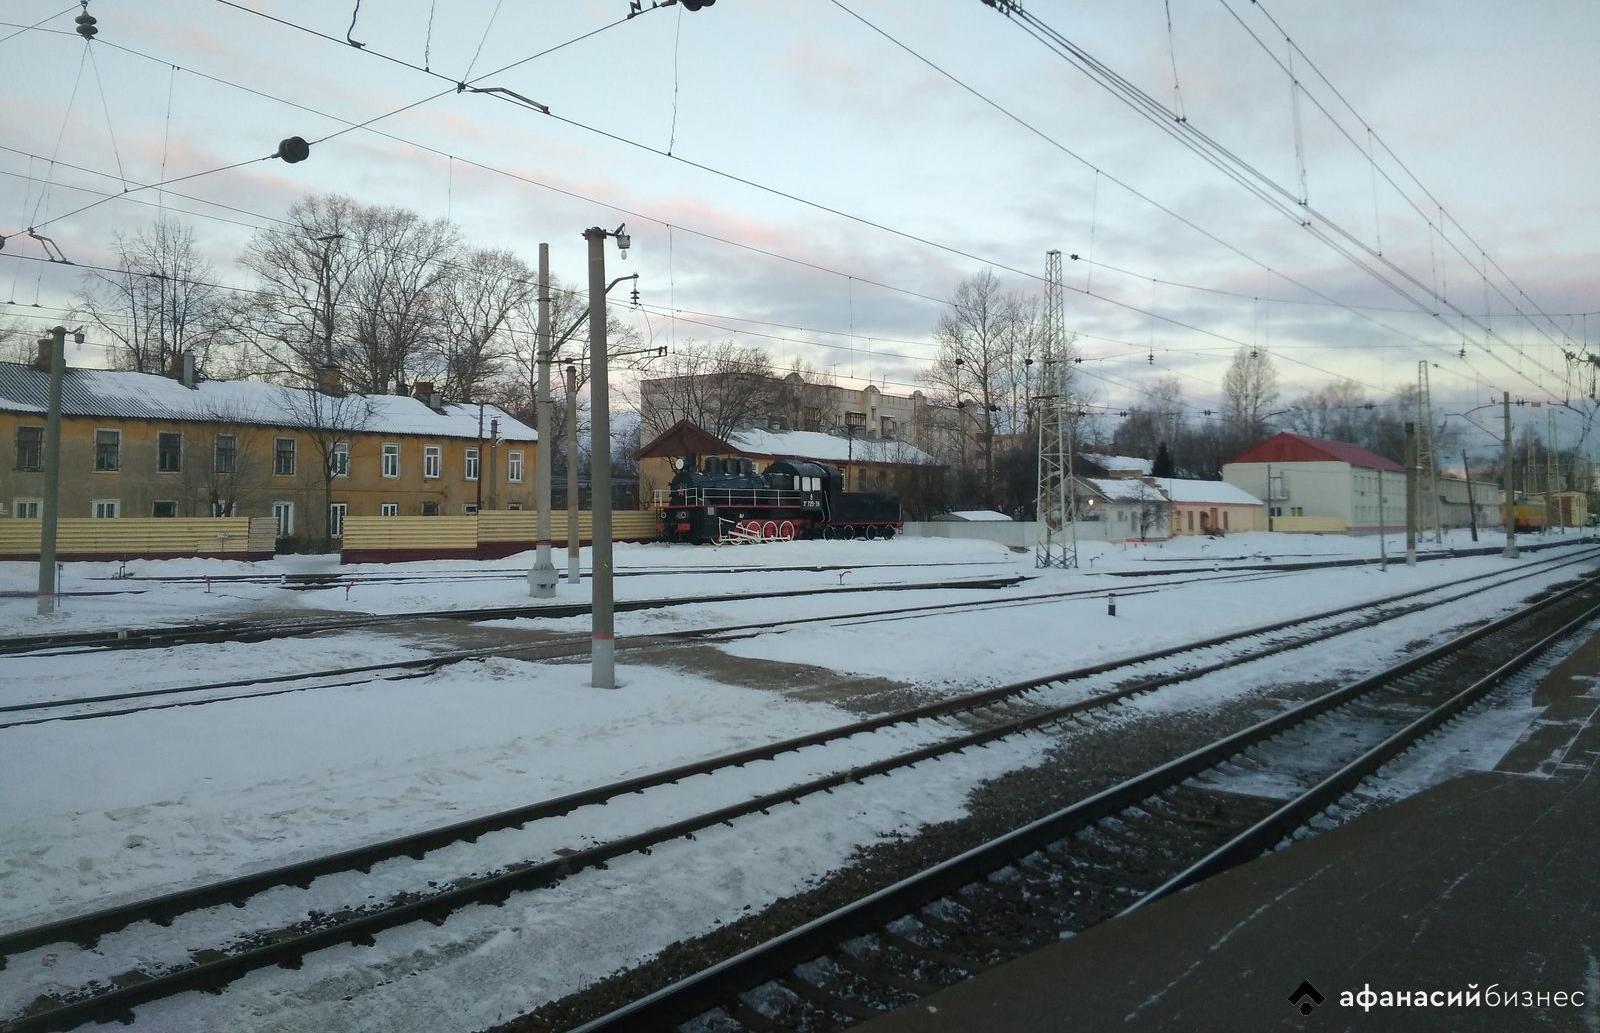 Прокуратура проверяет обстоятельства схода с рельсов снегоуборочного поезда в Тверской области  - новости Афанасий